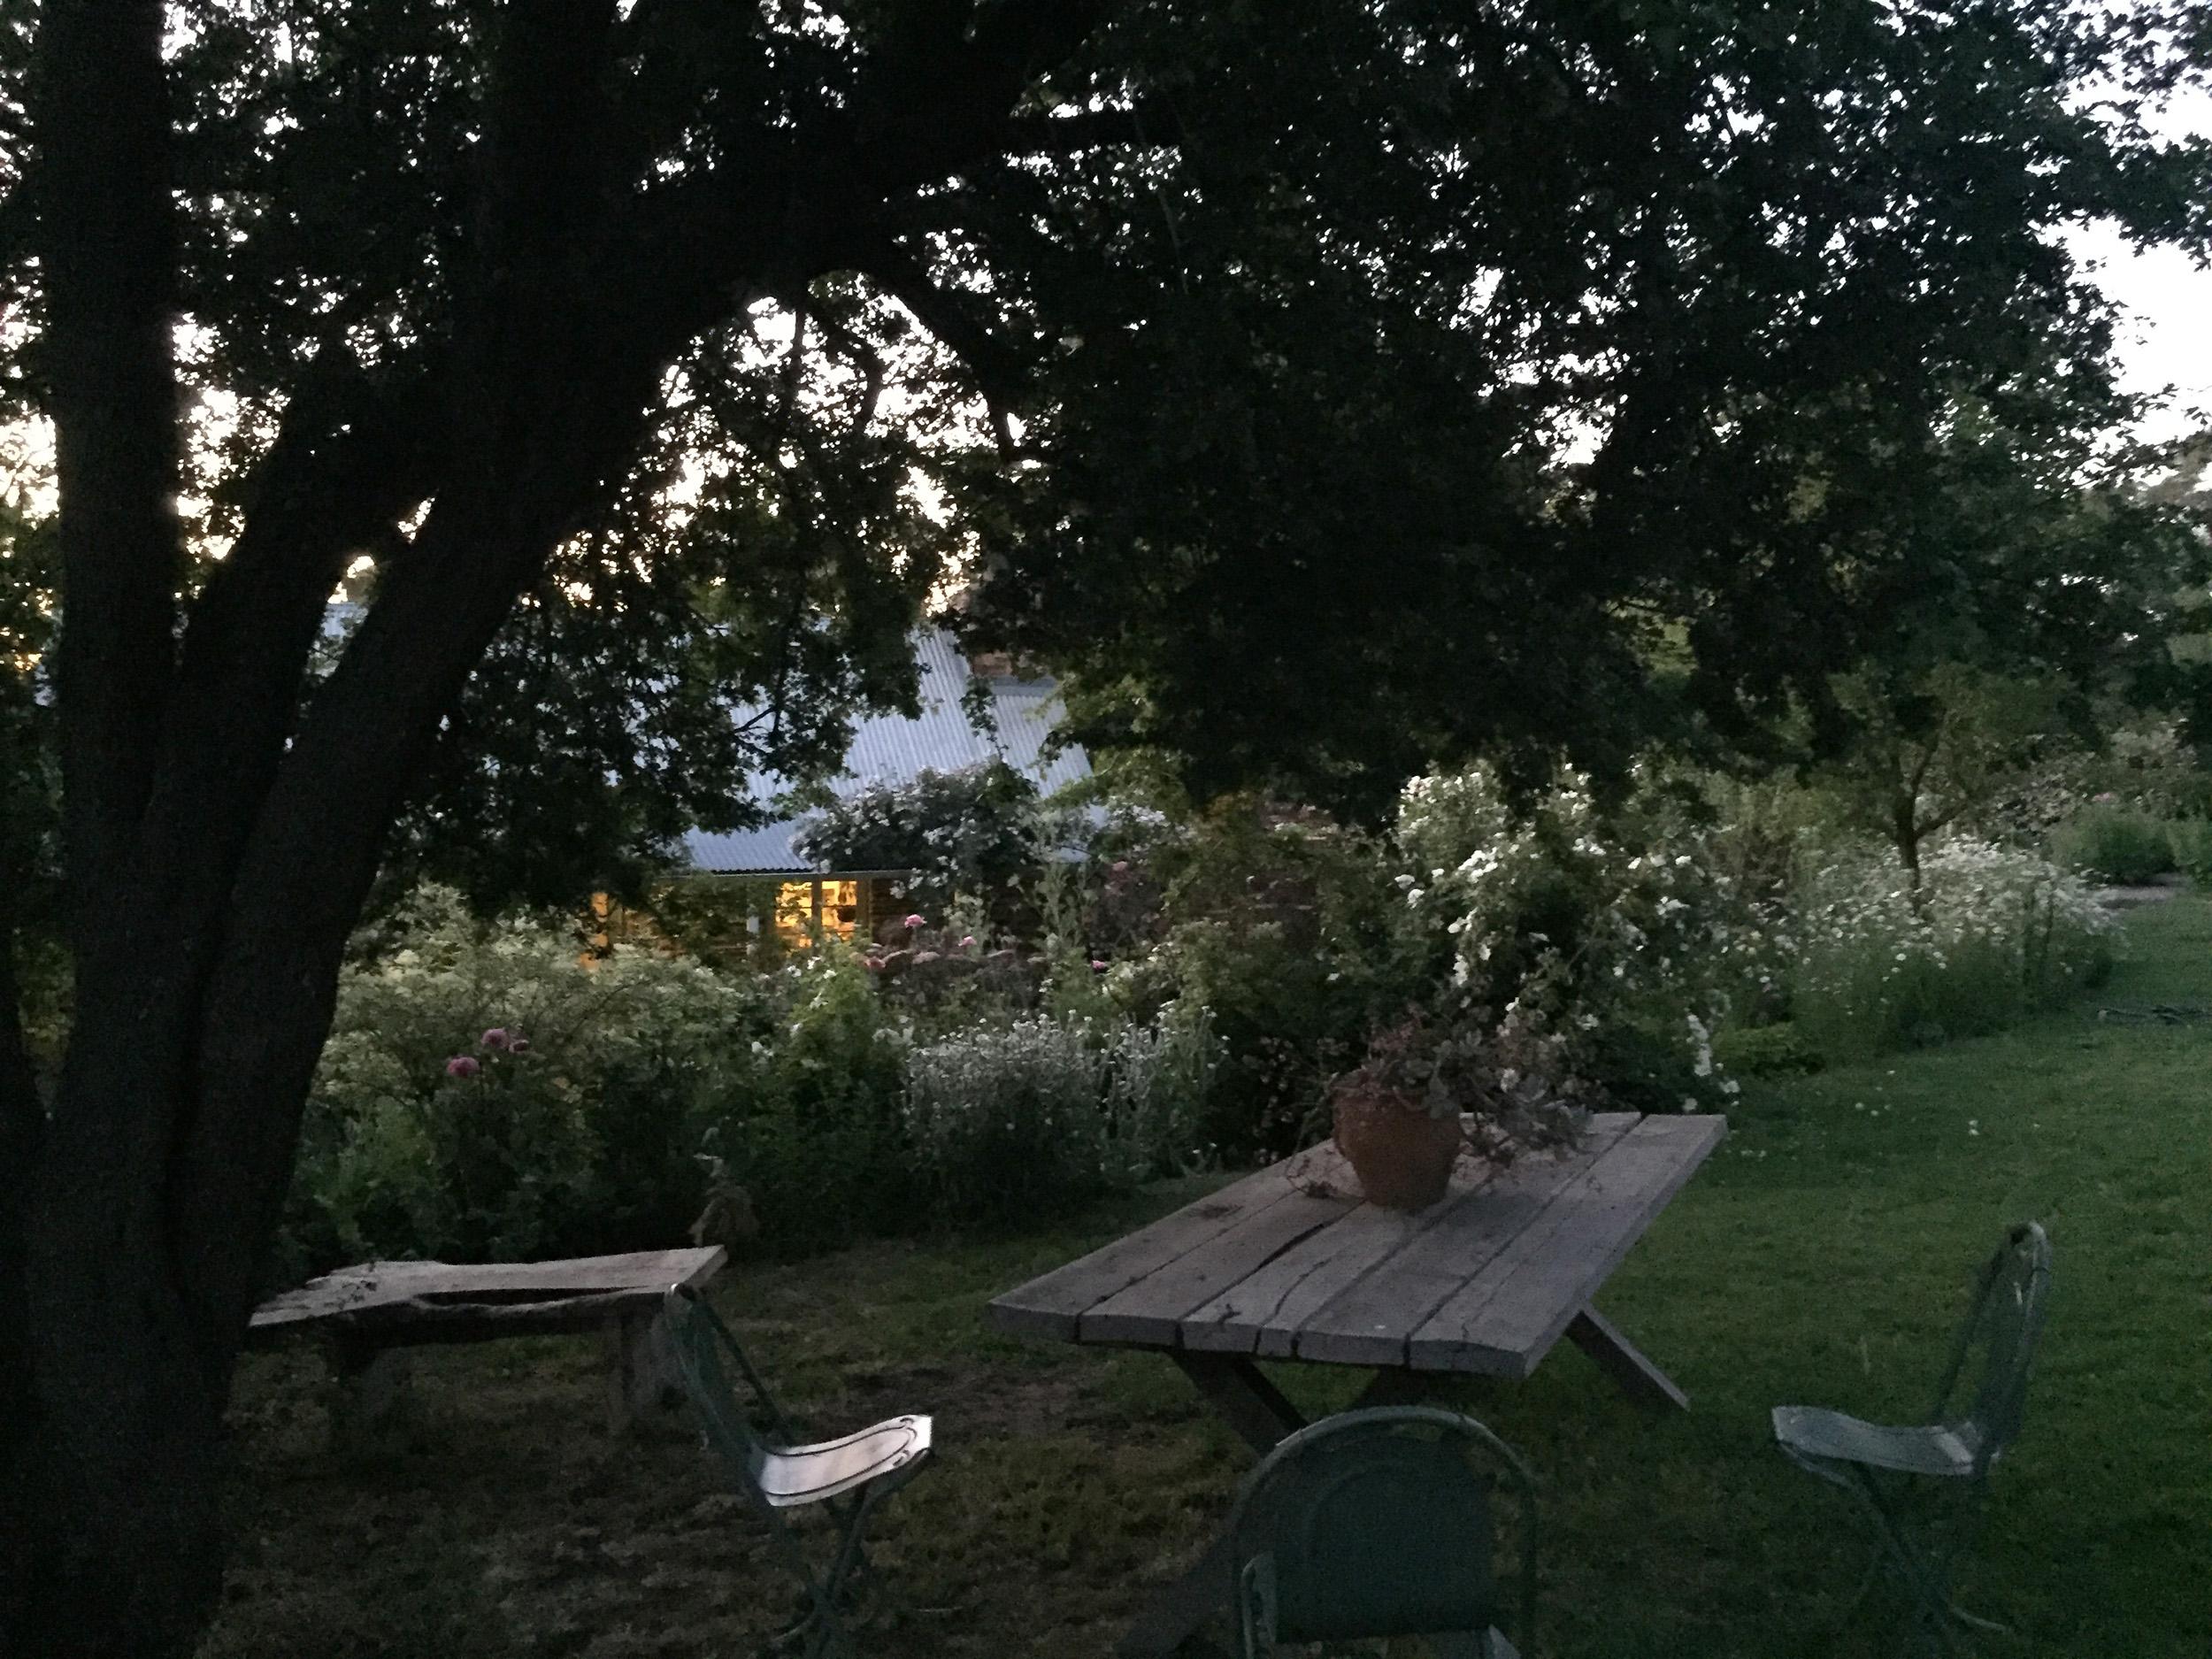 Morgan_Allender_garden4.jpg